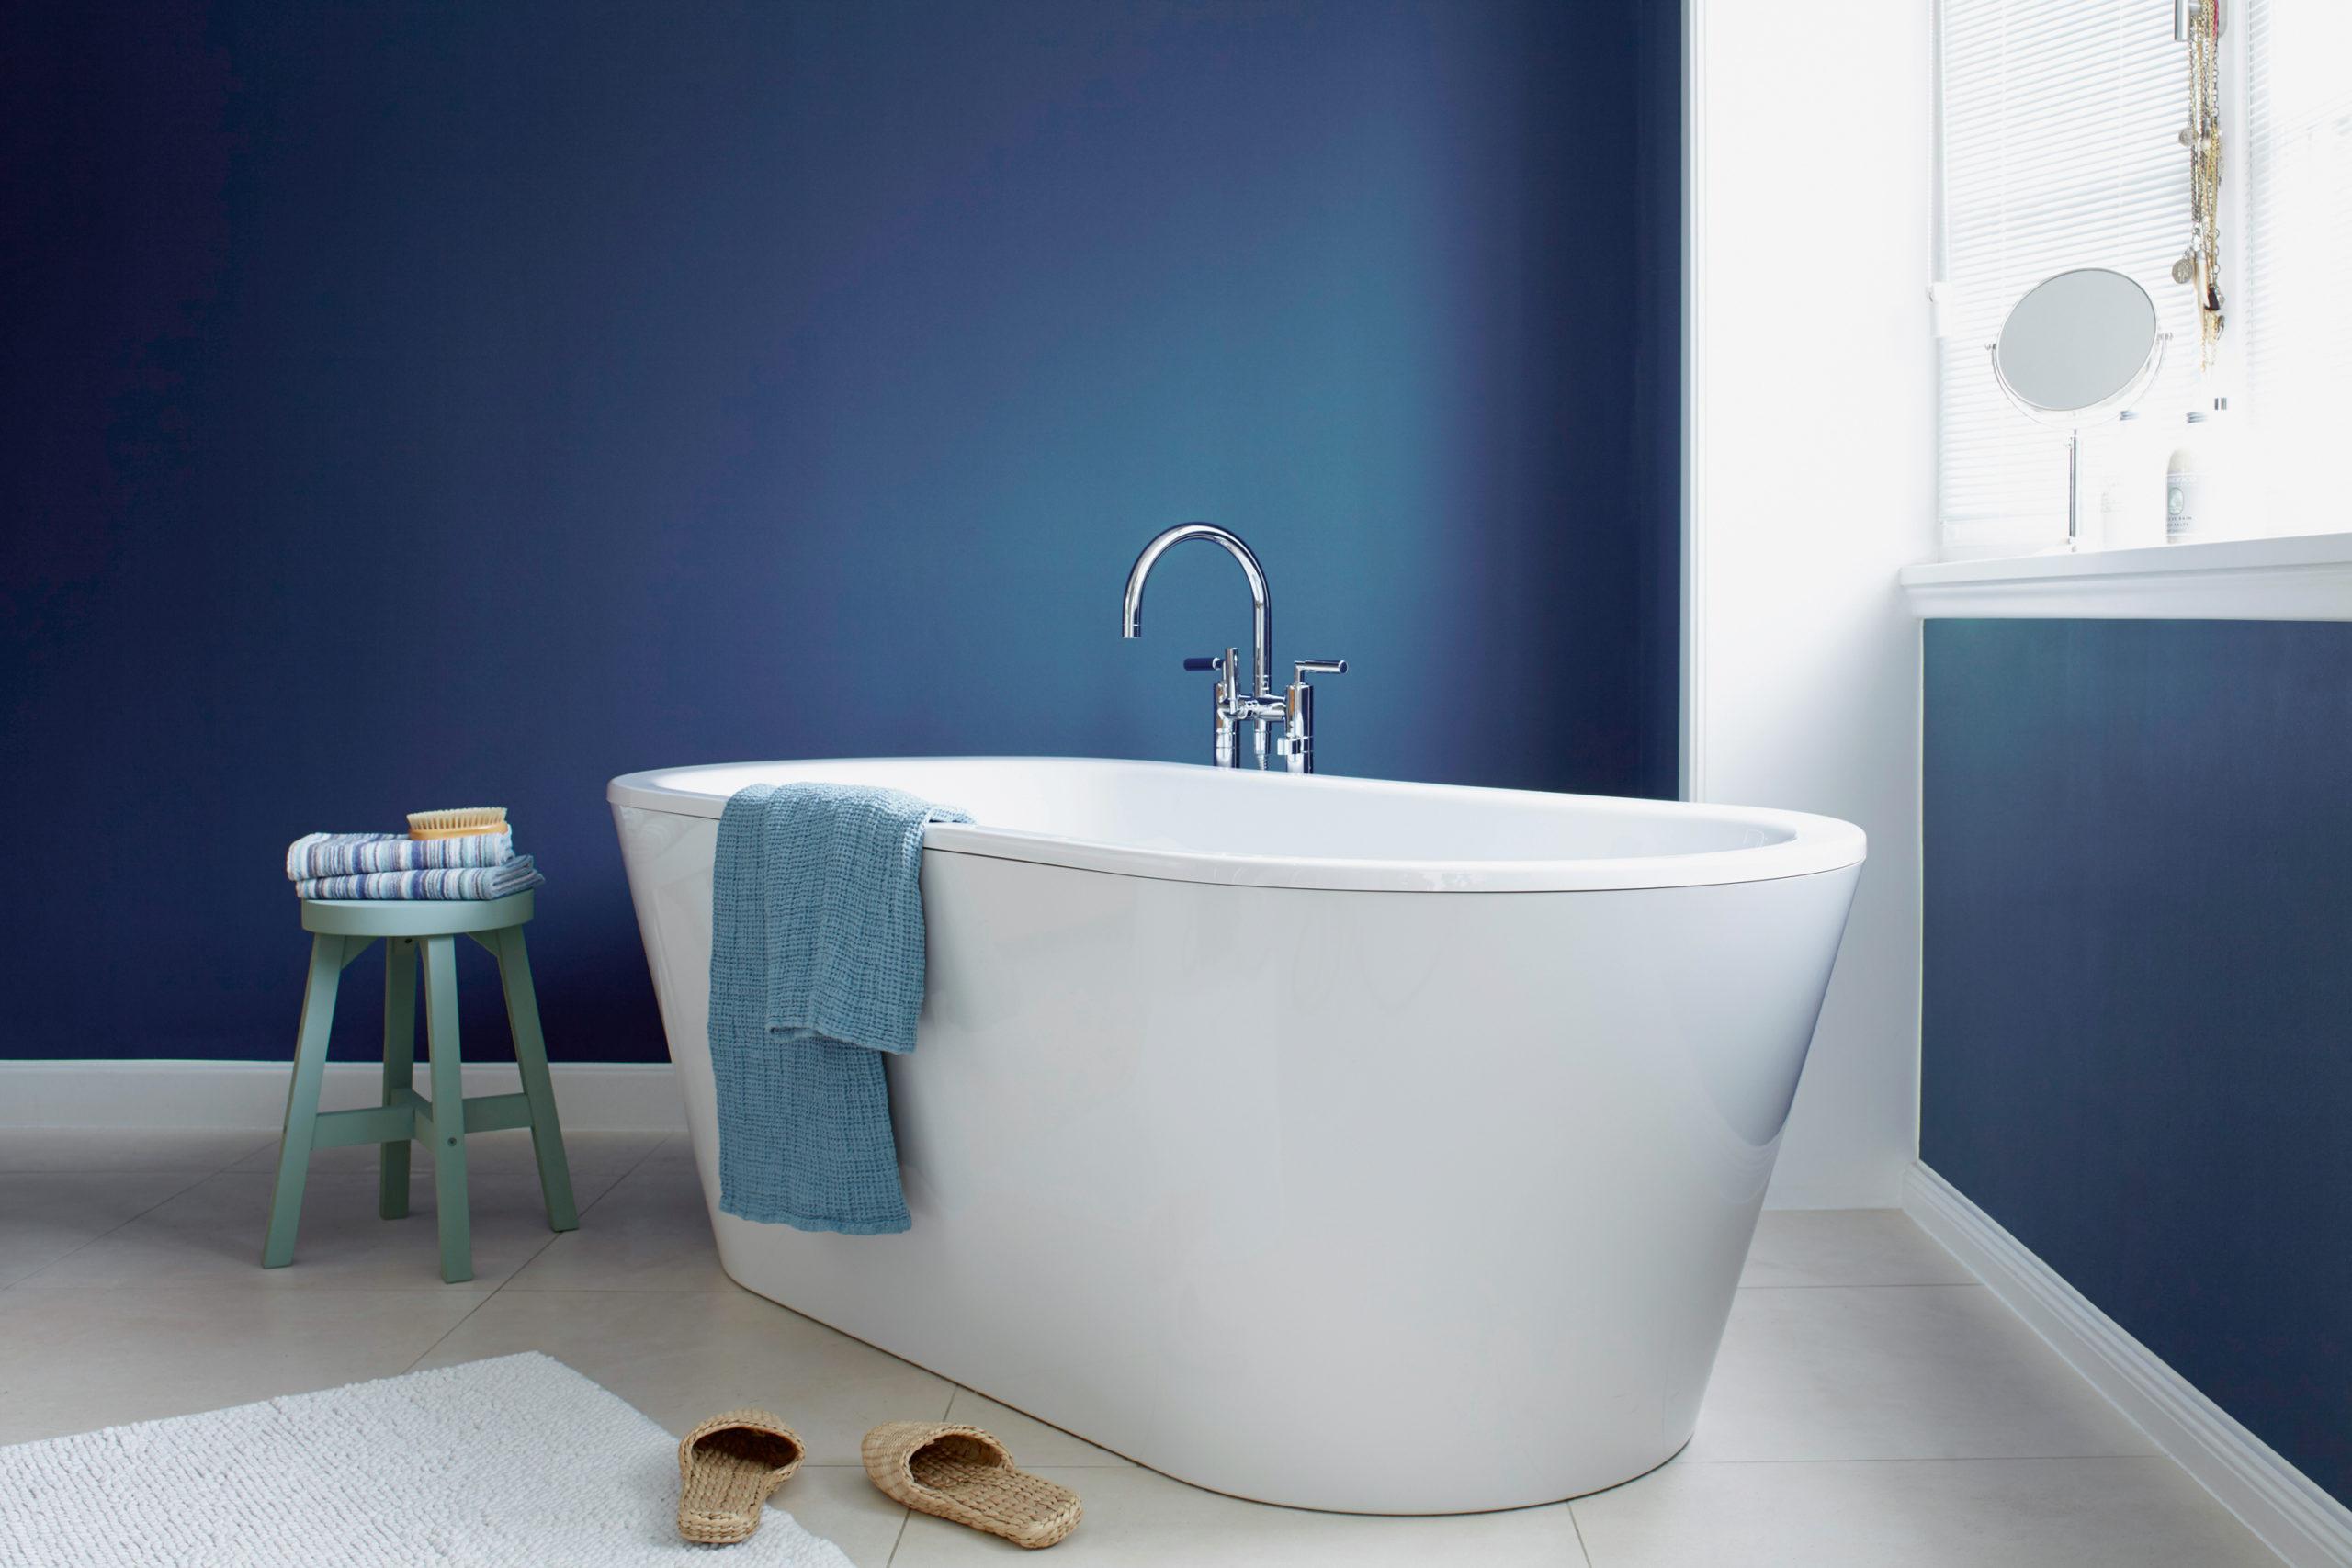 Wasserabweisende Farben können im Bad ein echter Hingucker sein. Quelle: Alpina Farben GmbH